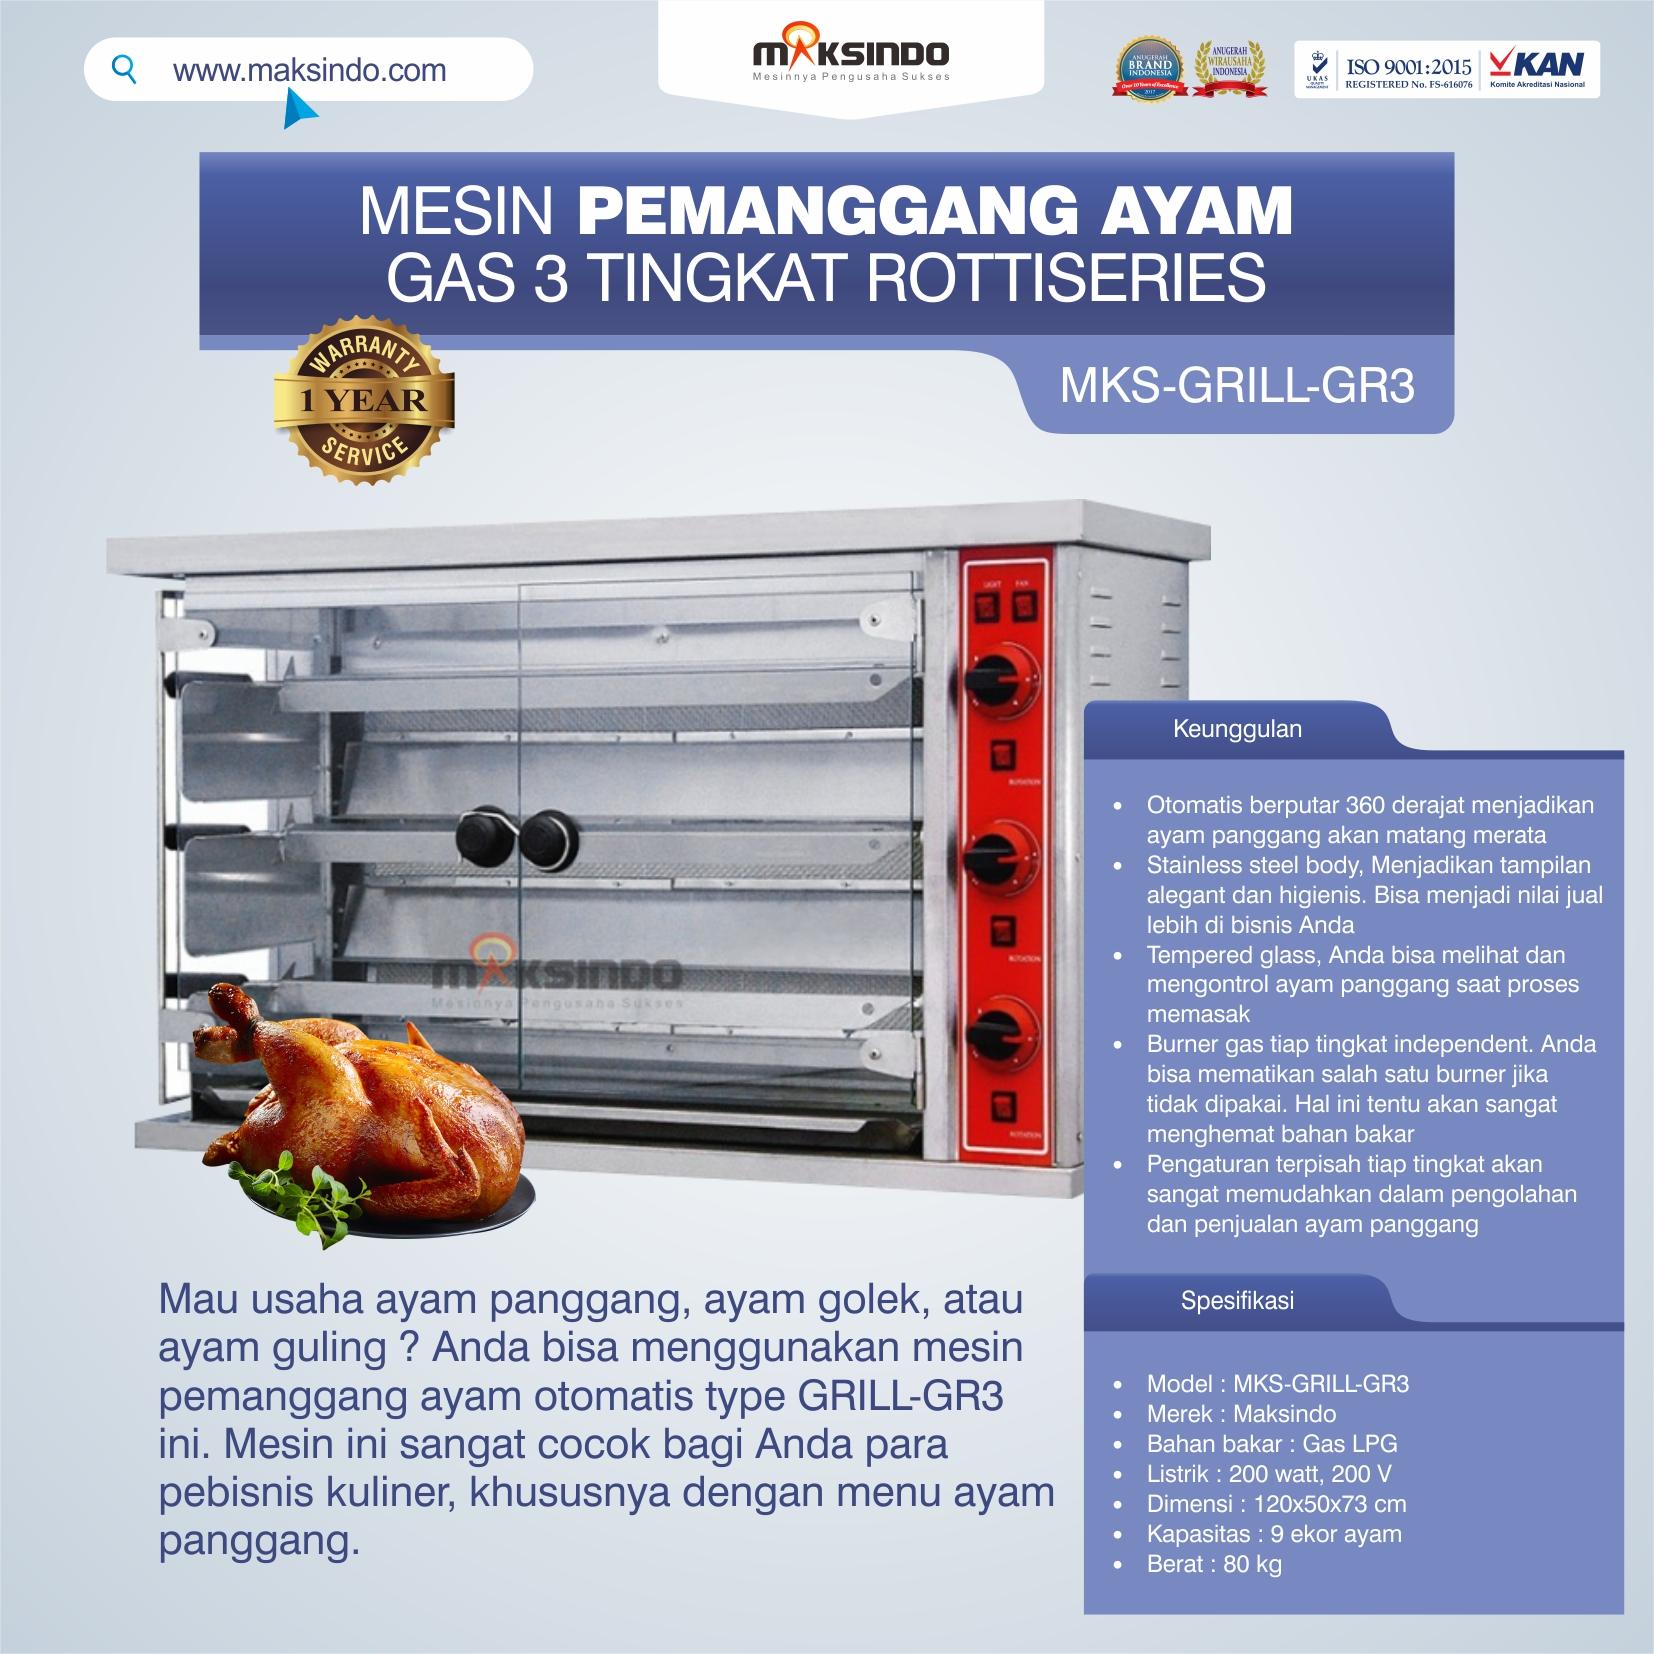 Jual Mesin Pemanggang Ayam Gas 3 Tingkat Rottiseries (GRILL-GR3) di Bekasi